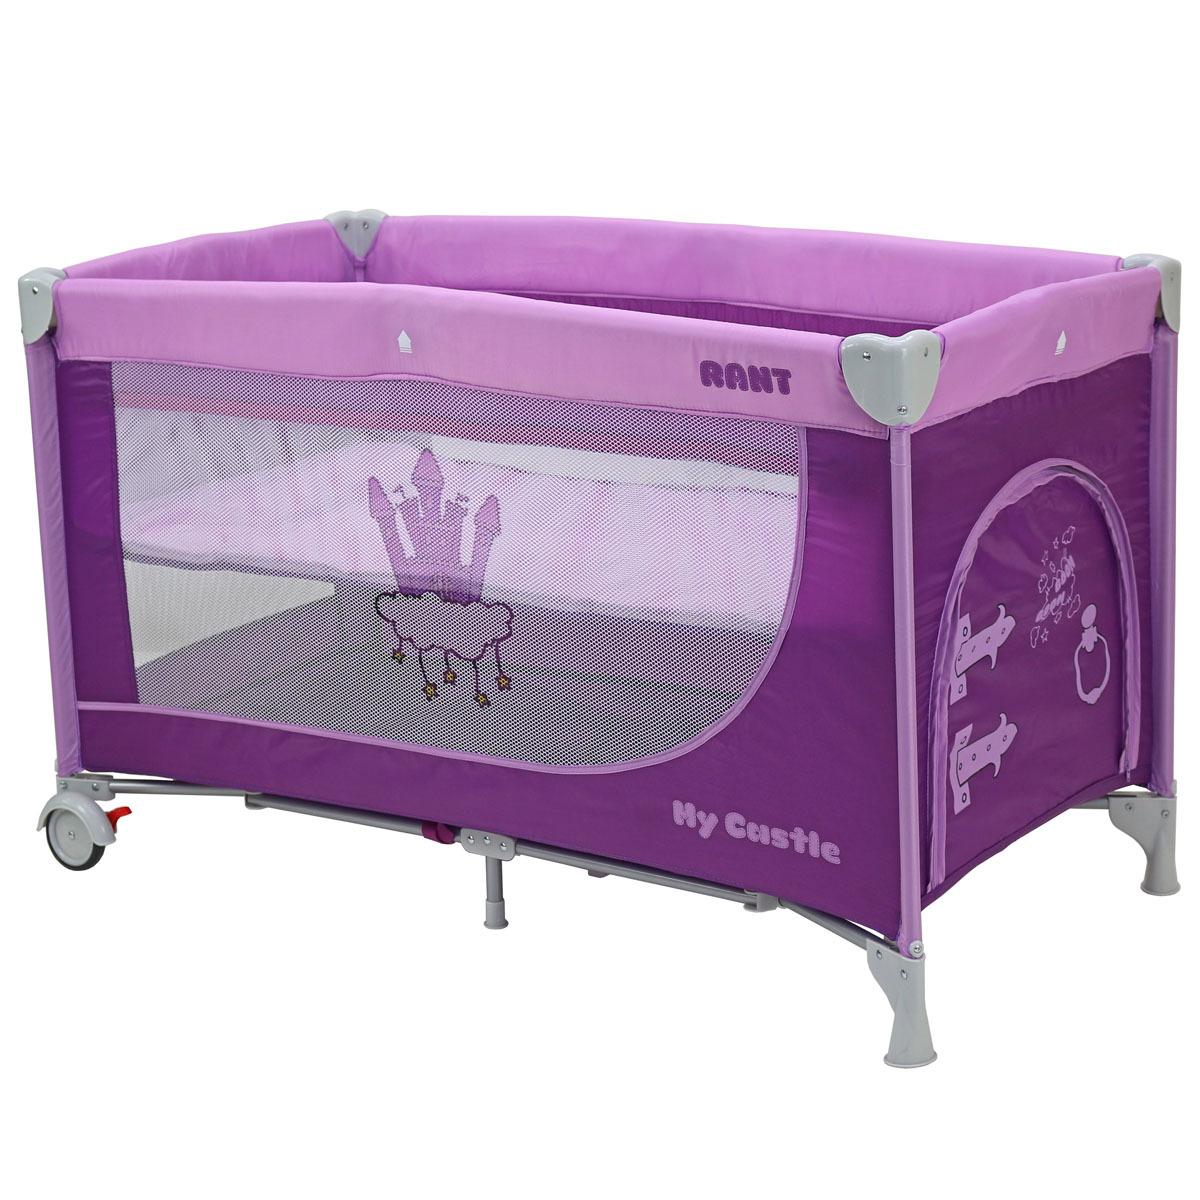 Манеж-кроватка Rant My Castle, розовый, фиолетовый